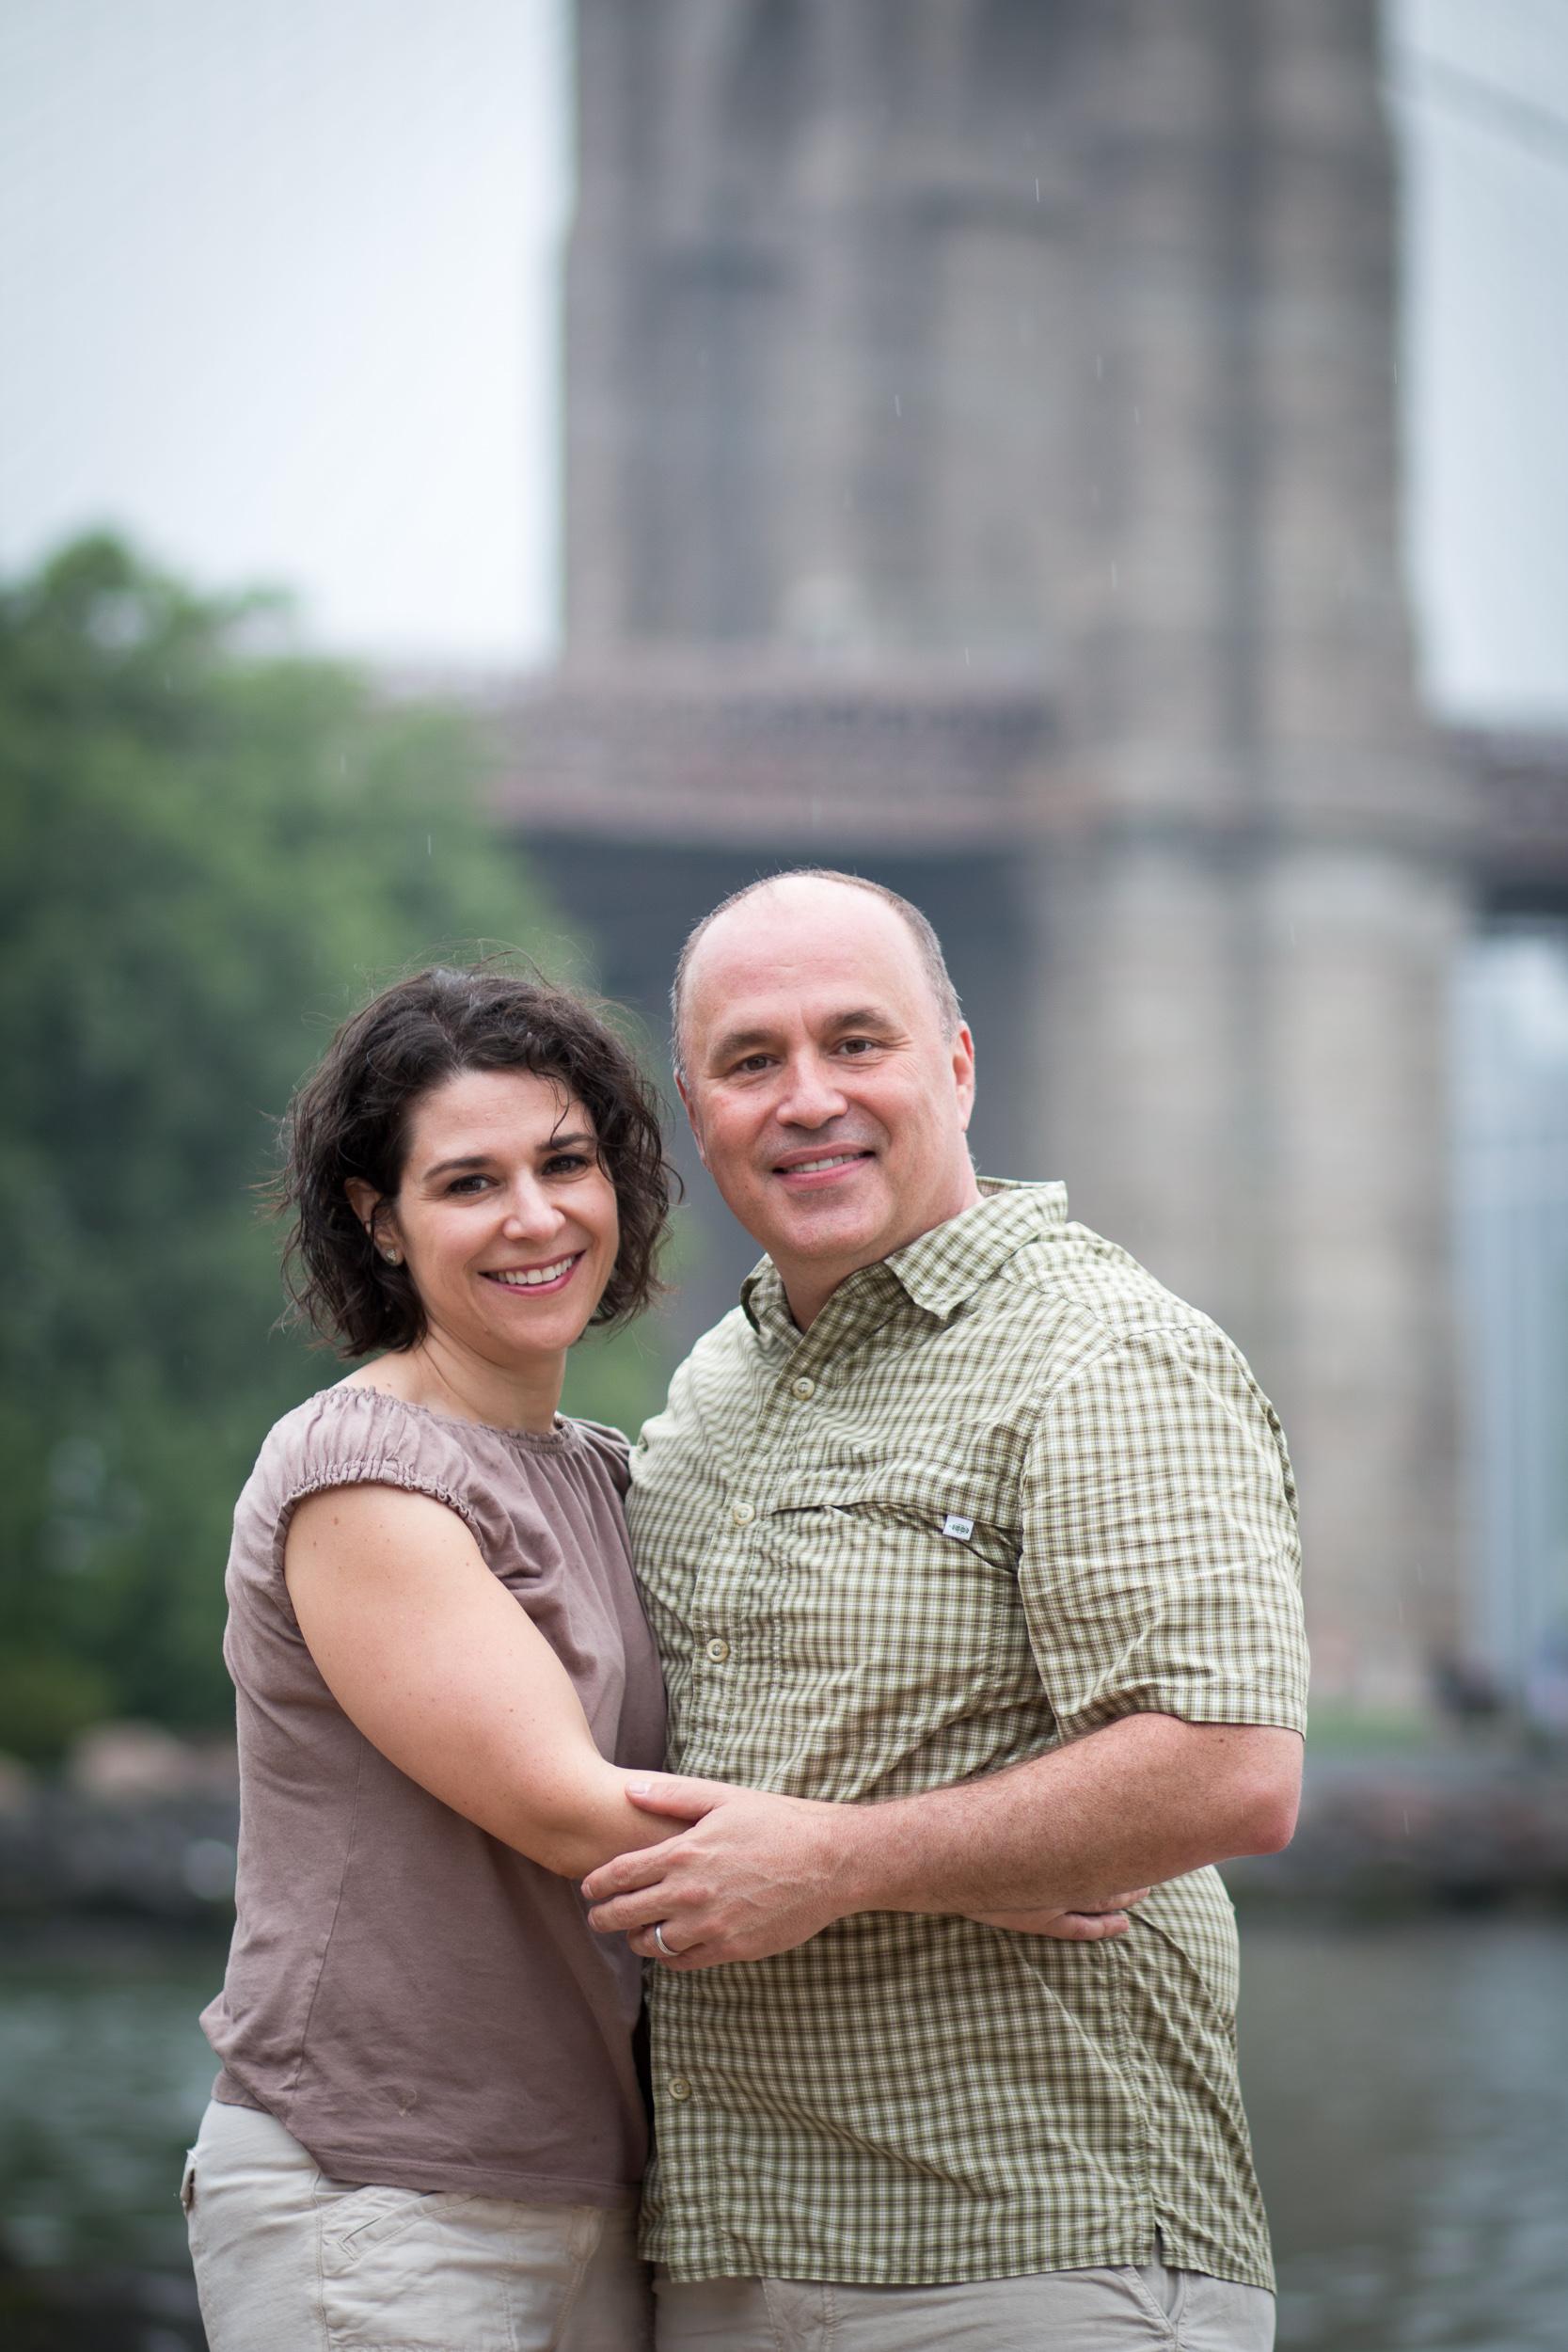 Brooklyn Mom and Dad